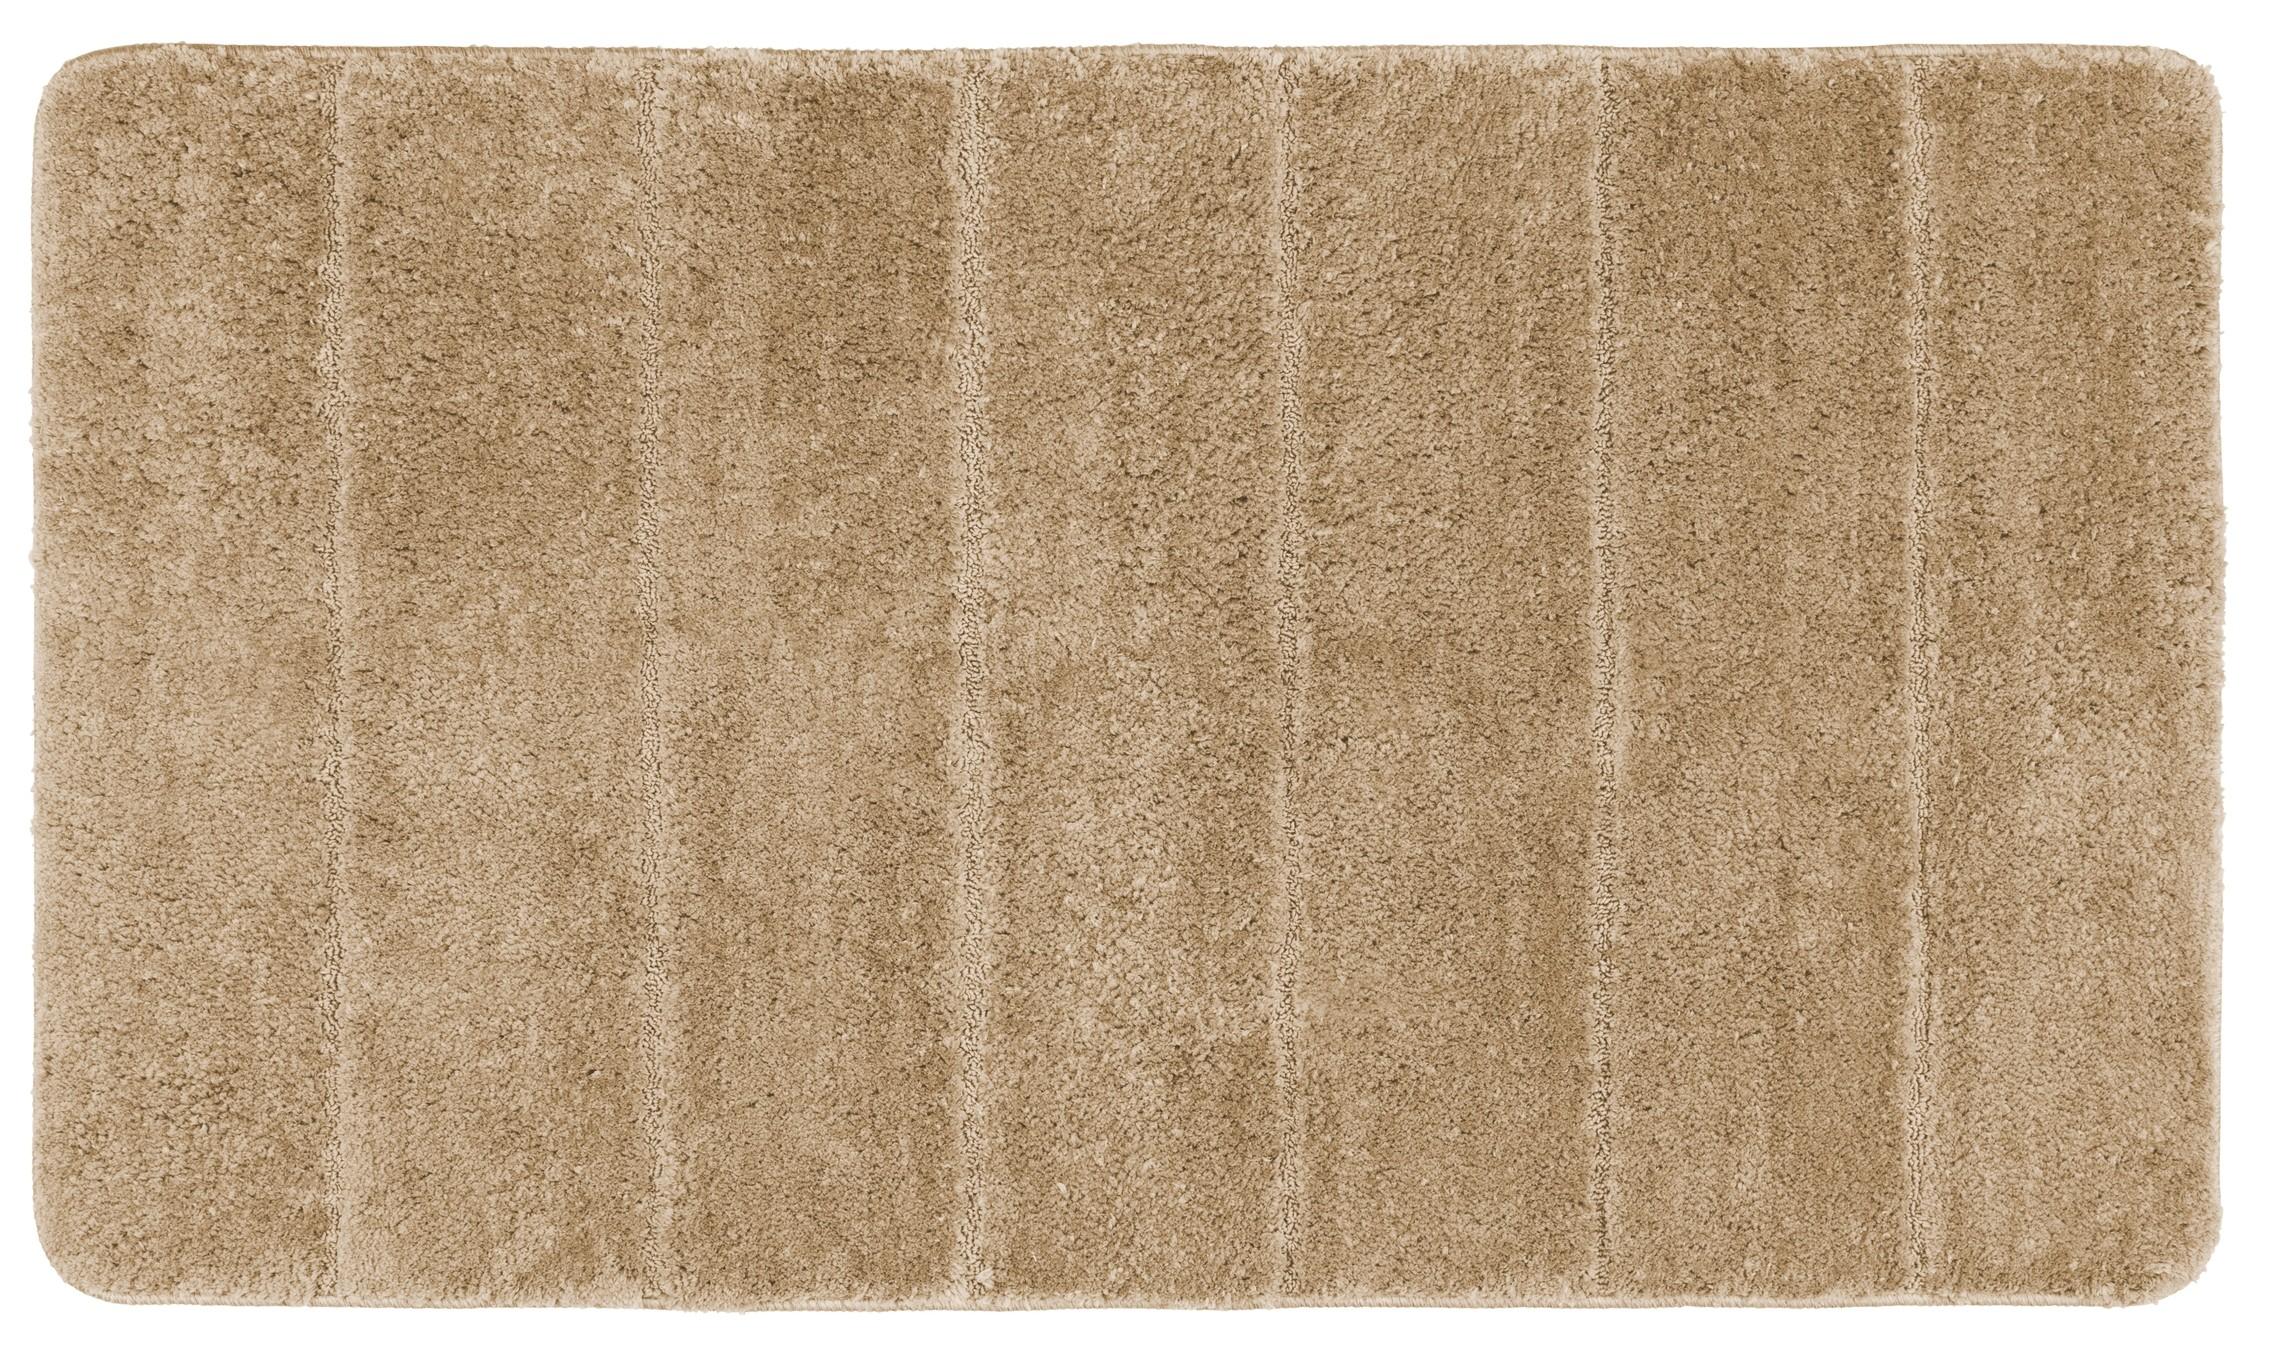 Wenko Badteppich Steps Sand, 70 x 120 cm, Mikrofaser